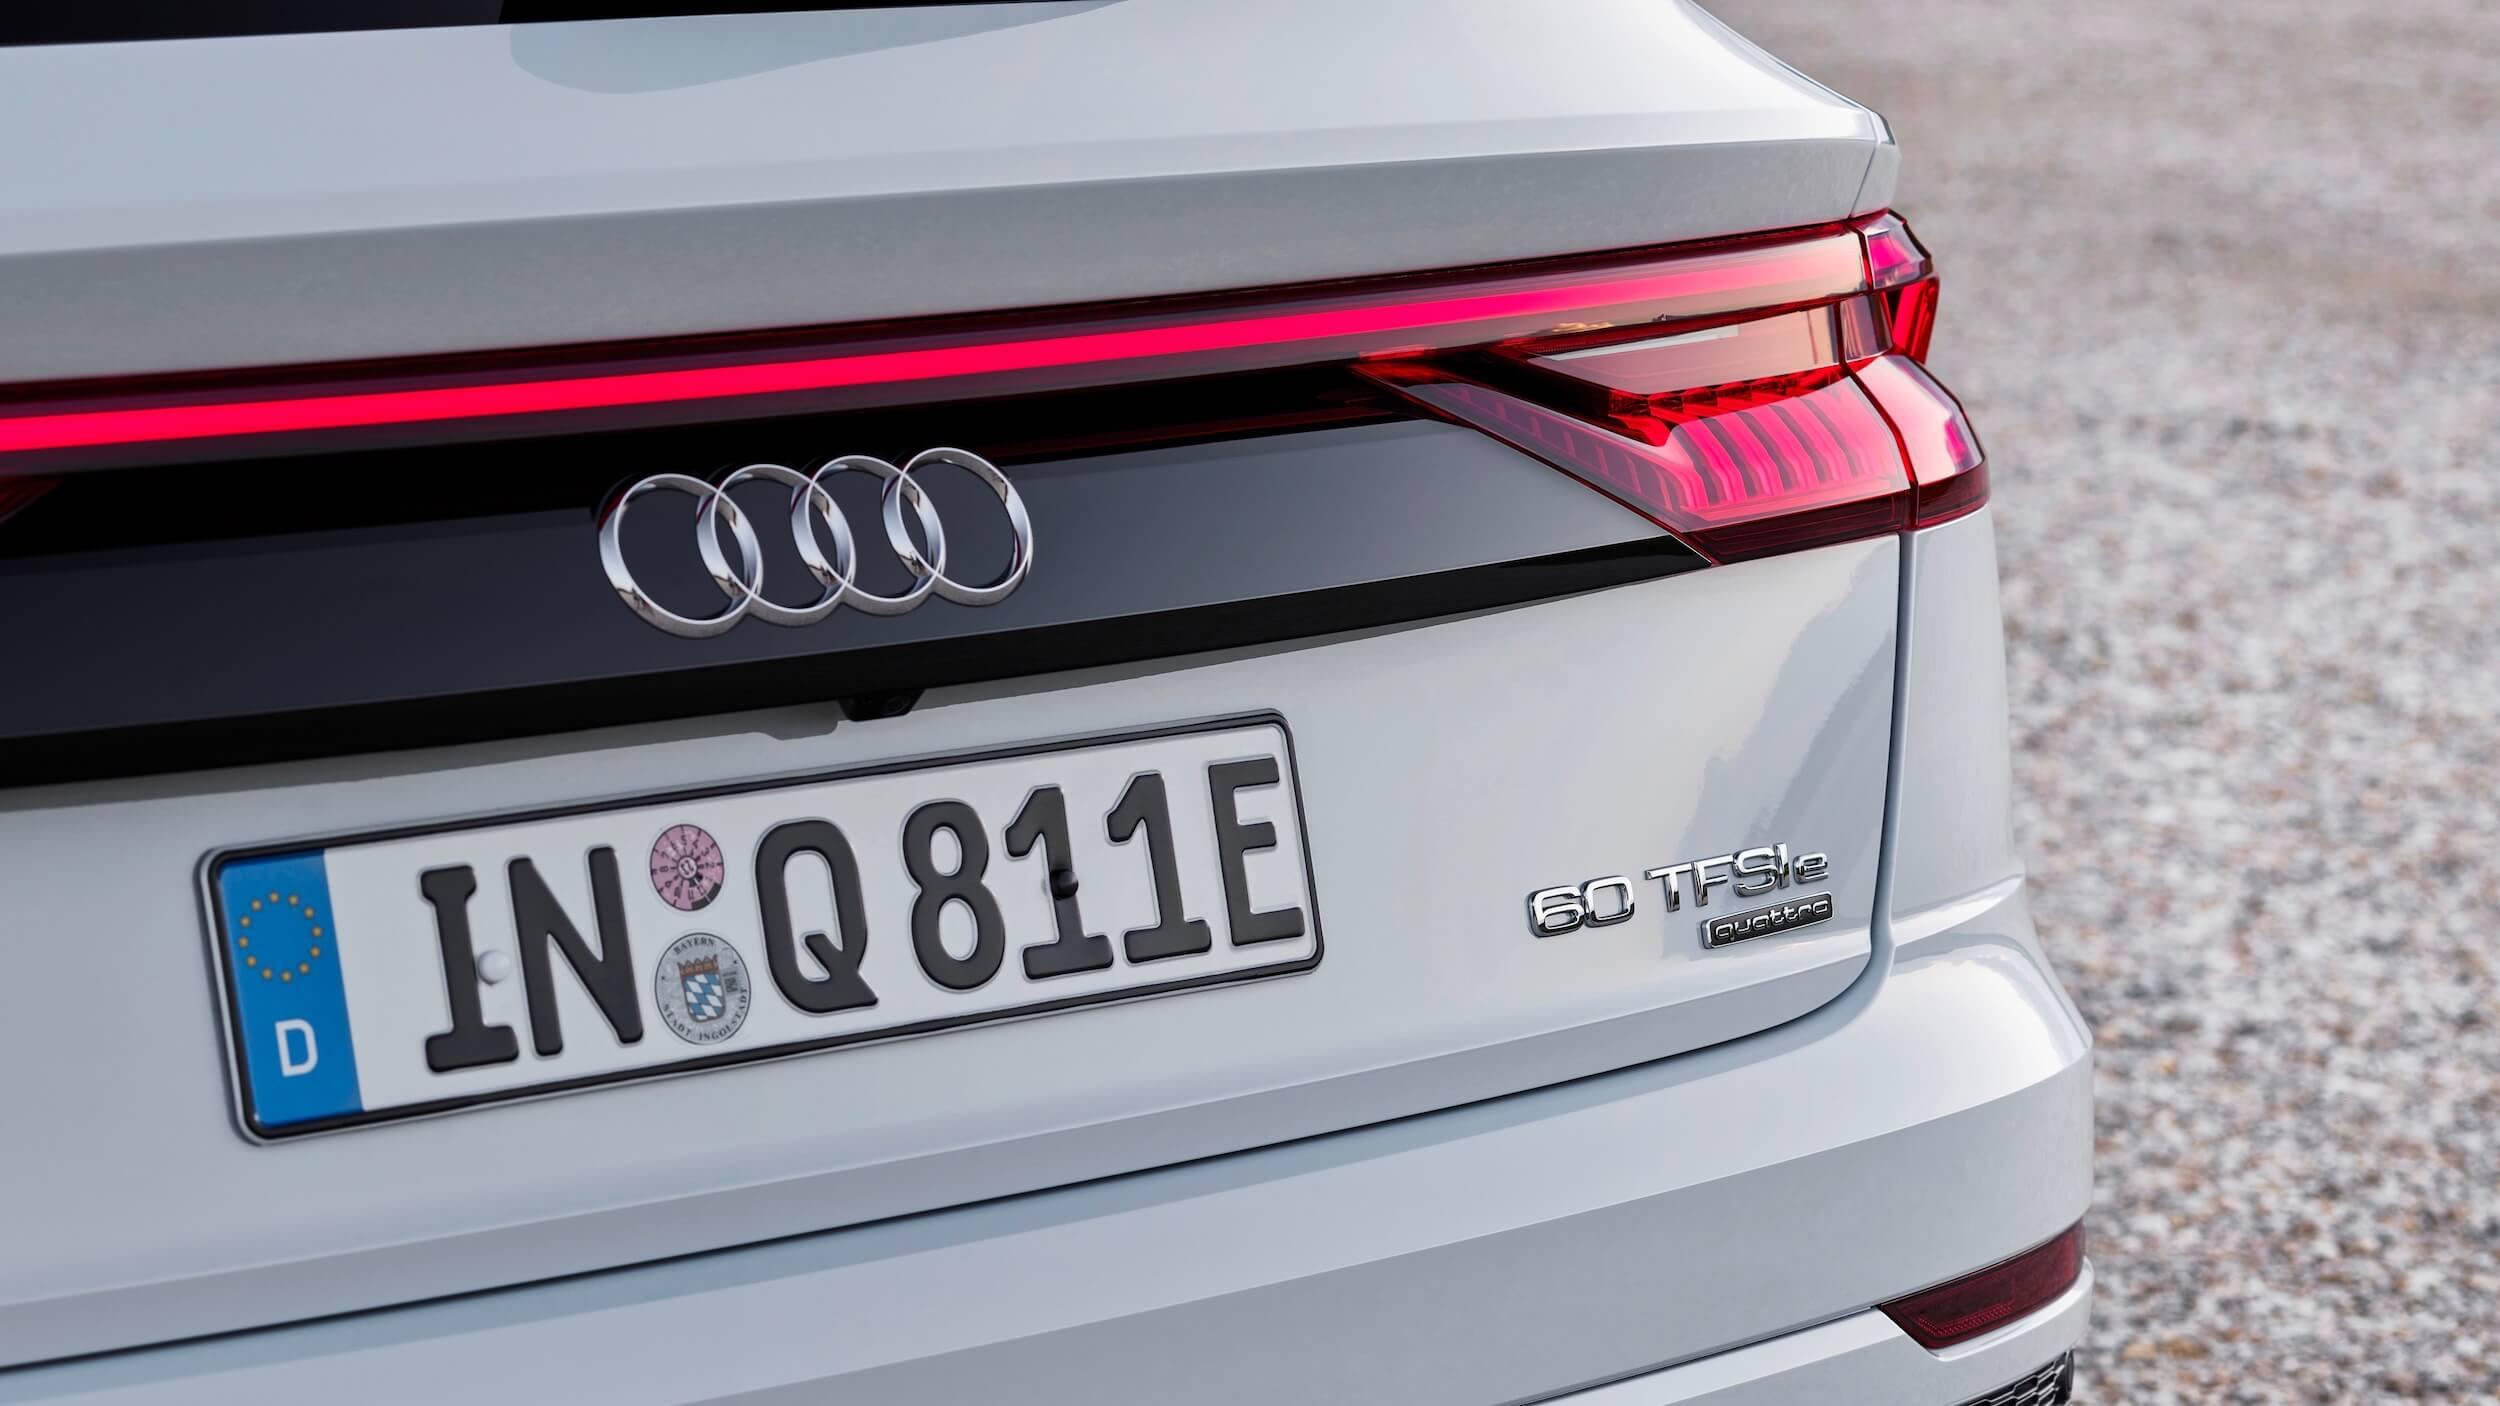 Audi Q8 60 TFSI e quattro badge logo